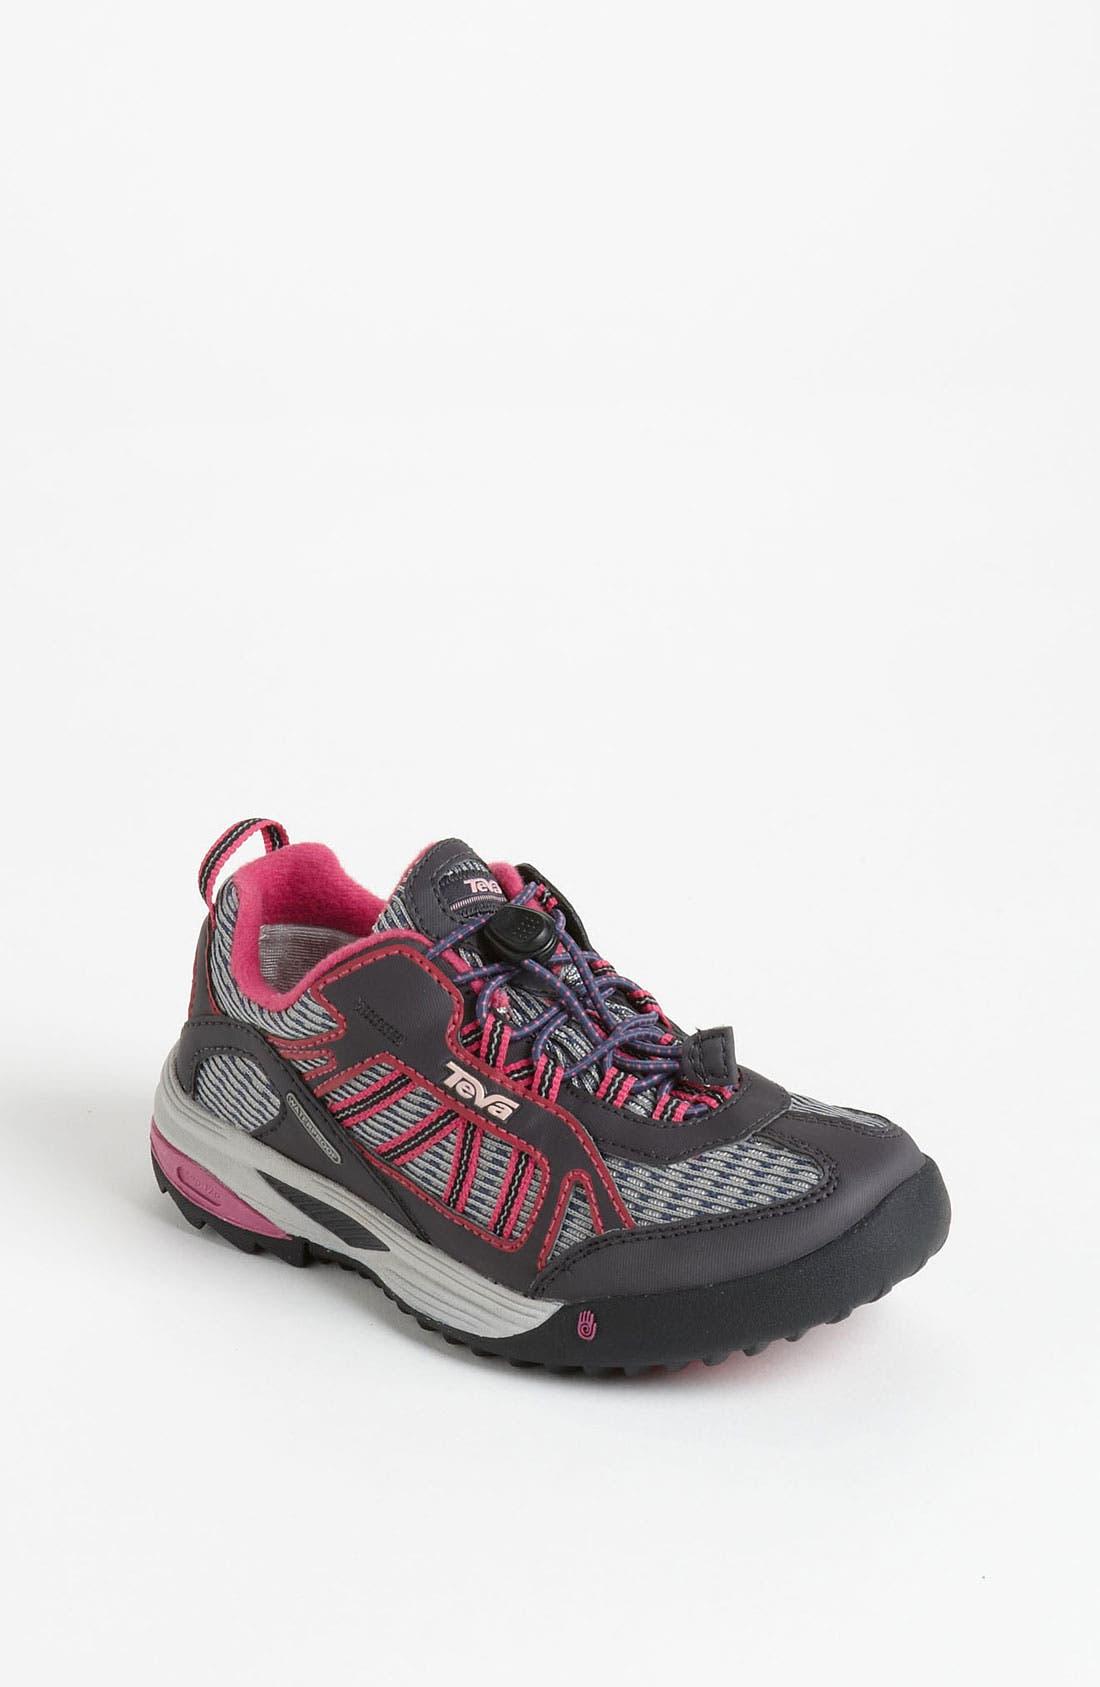 Alternate Image 1 Selected - Teva 'Charge' Waterproof Sneaker (Toddler & Little Kid)